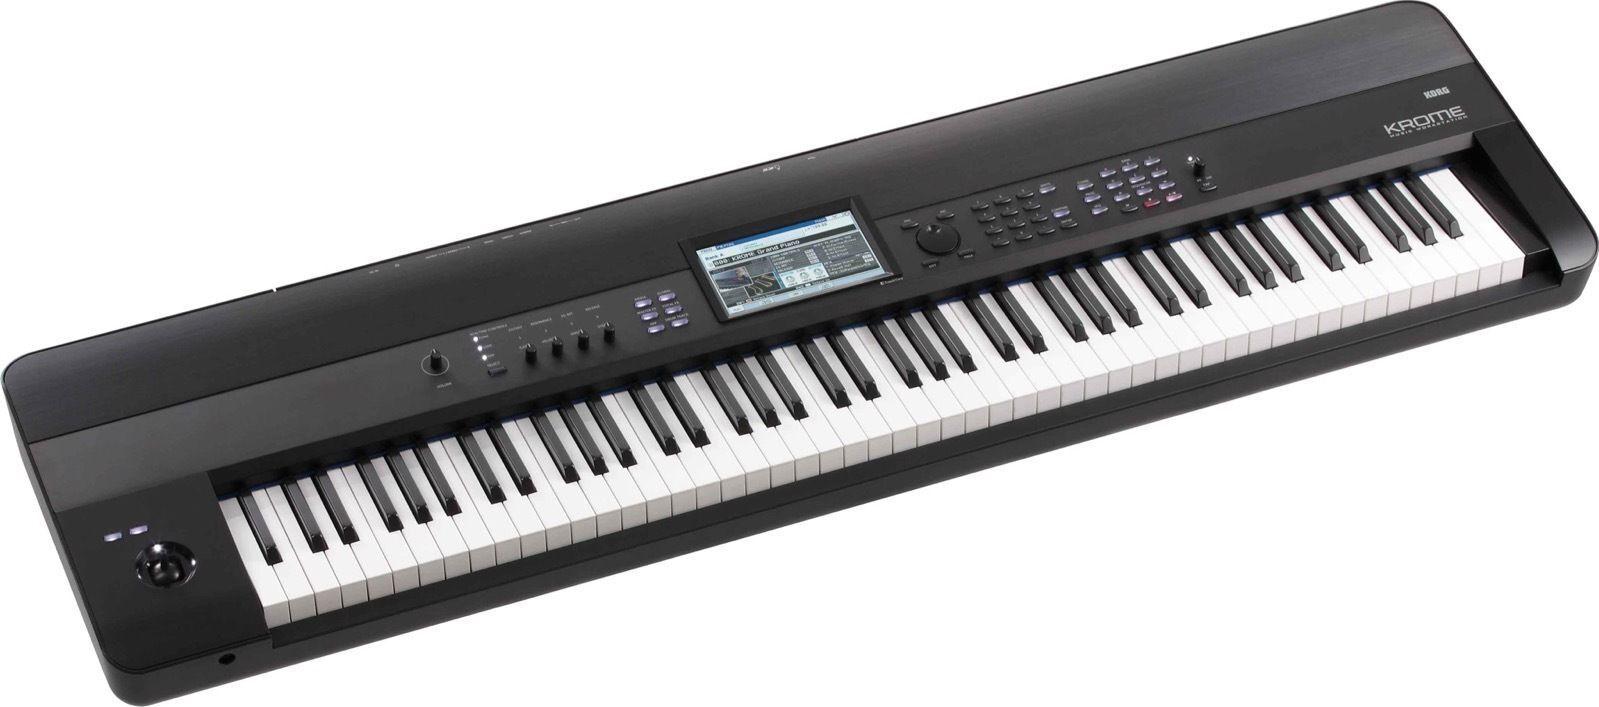 top 10 workstation keyboards ebay. Black Bedroom Furniture Sets. Home Design Ideas